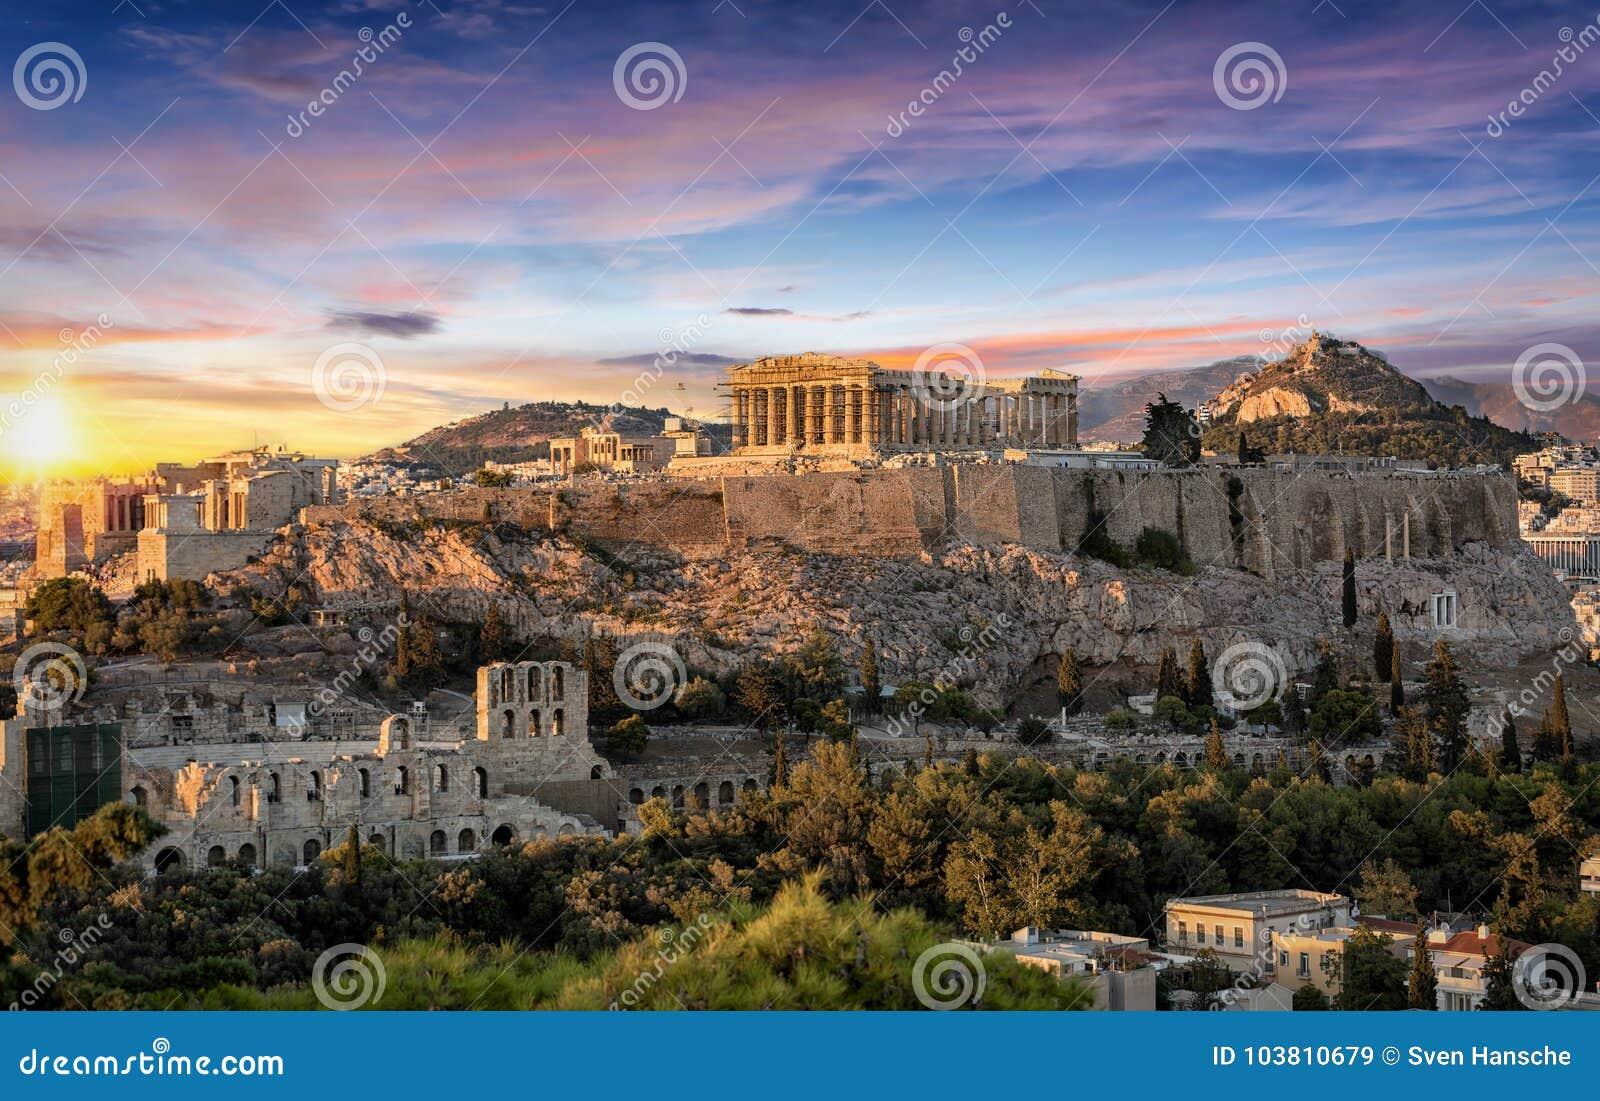 Le temple de parthenon à l Acropole d Athènes, Grèce